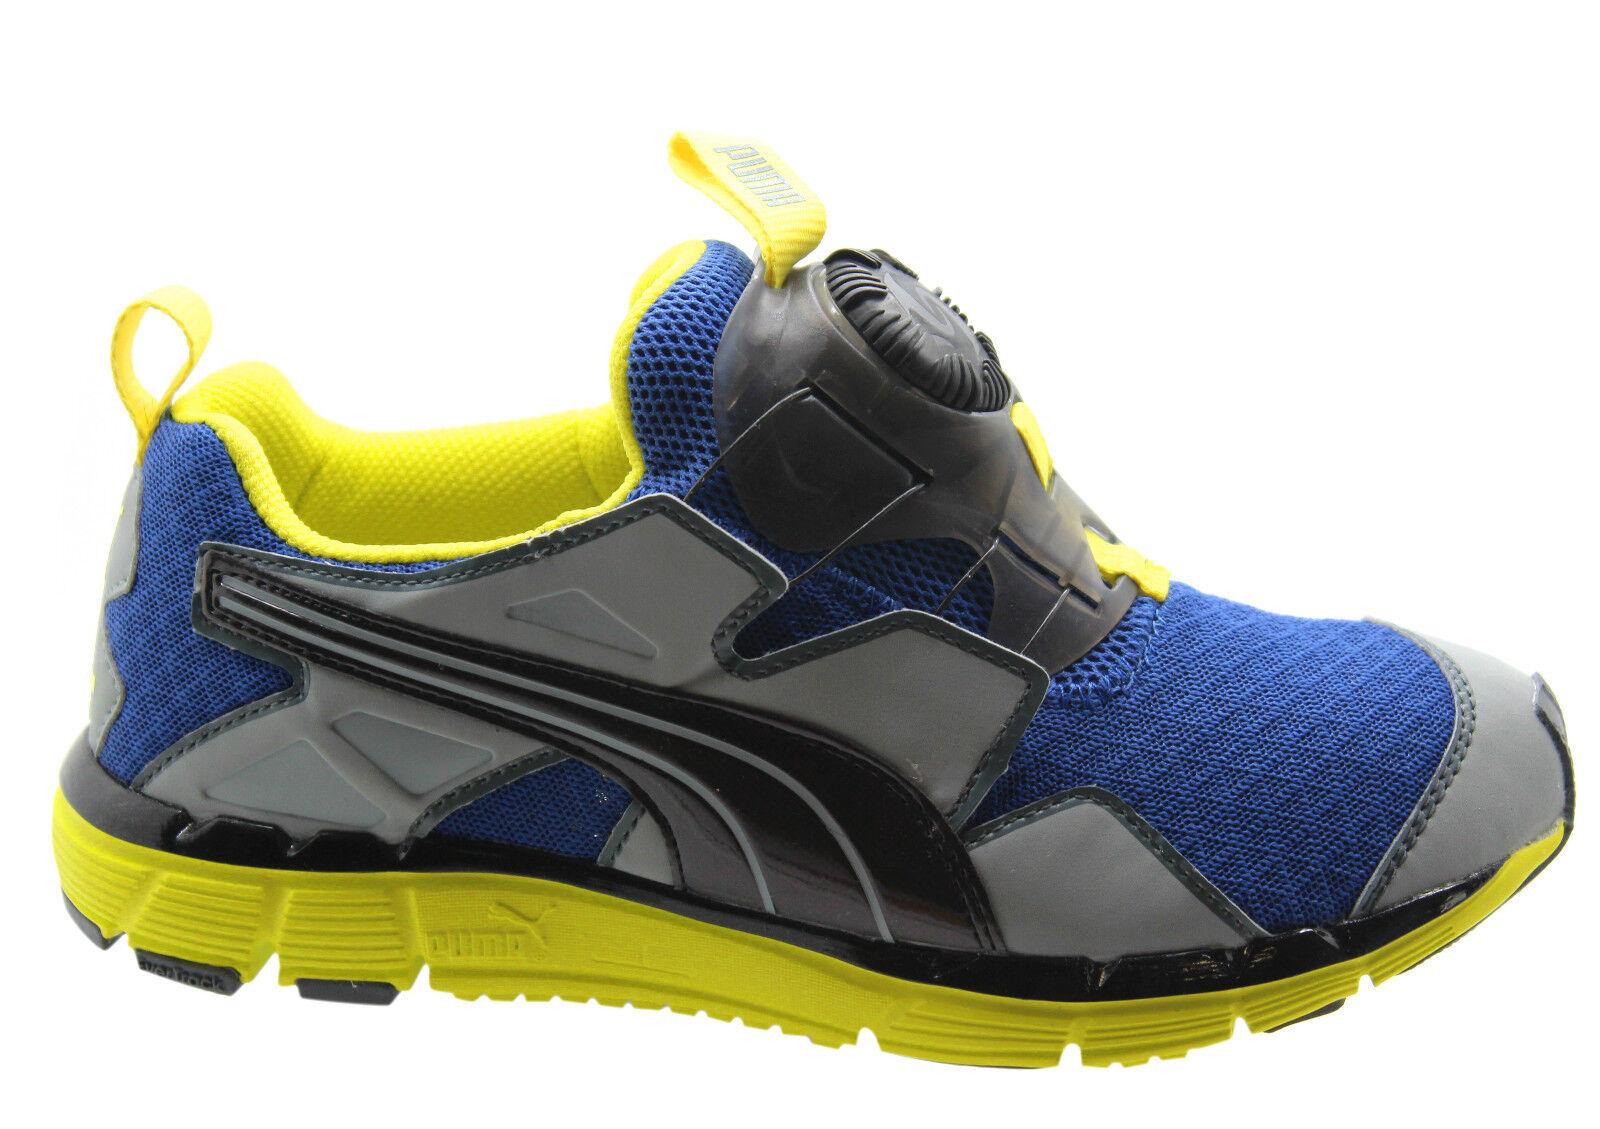 Puma Future Disc LTWT Unisex Schuhe D60 Laufschuhe leicht 357371 11 D60 Schuhe 08e9f7